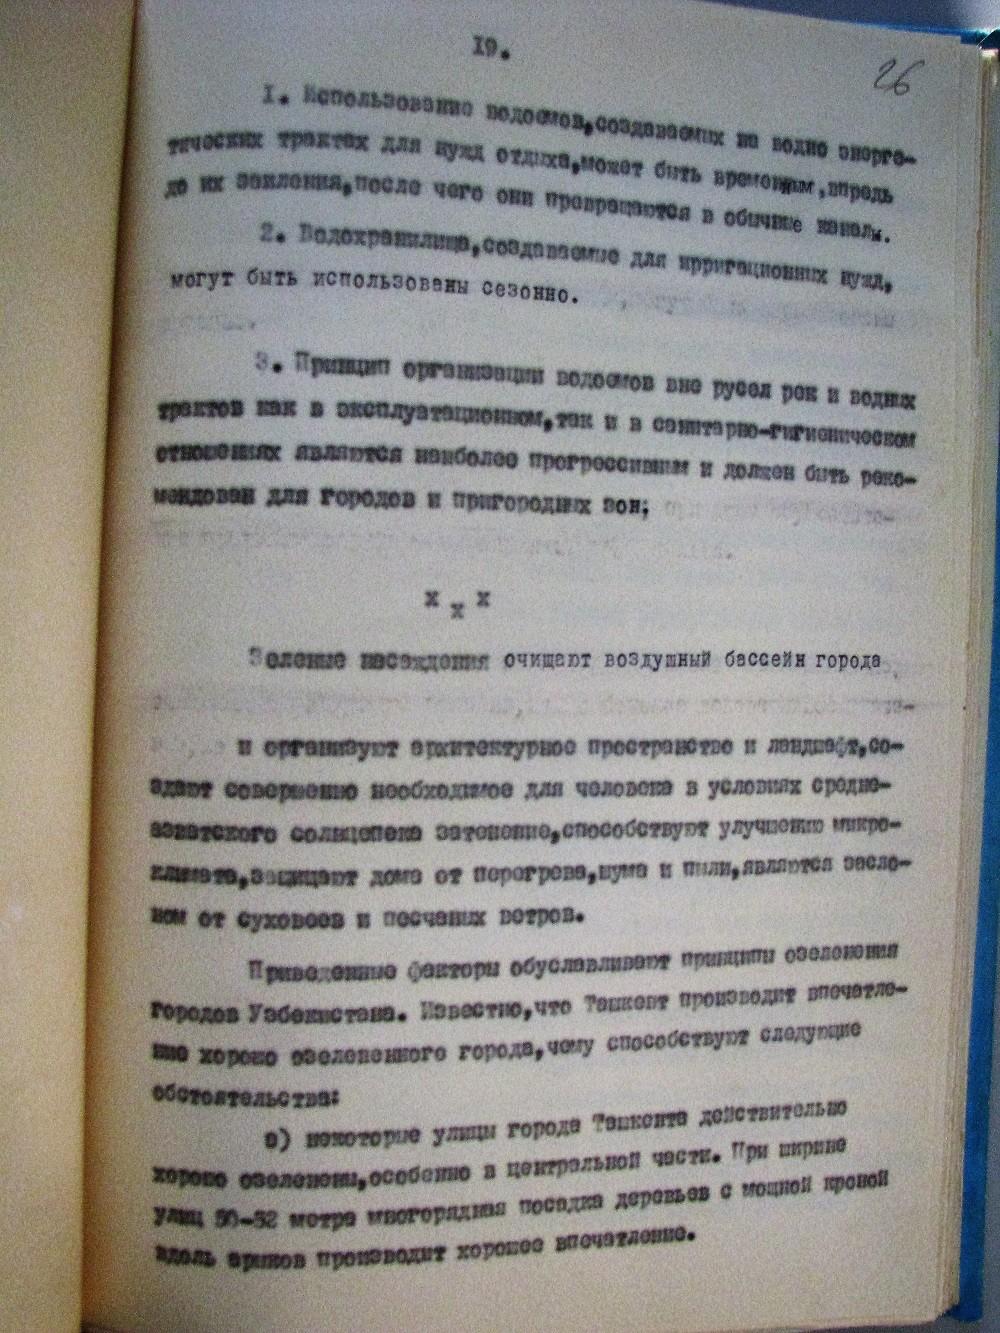 tashkent-1960-26